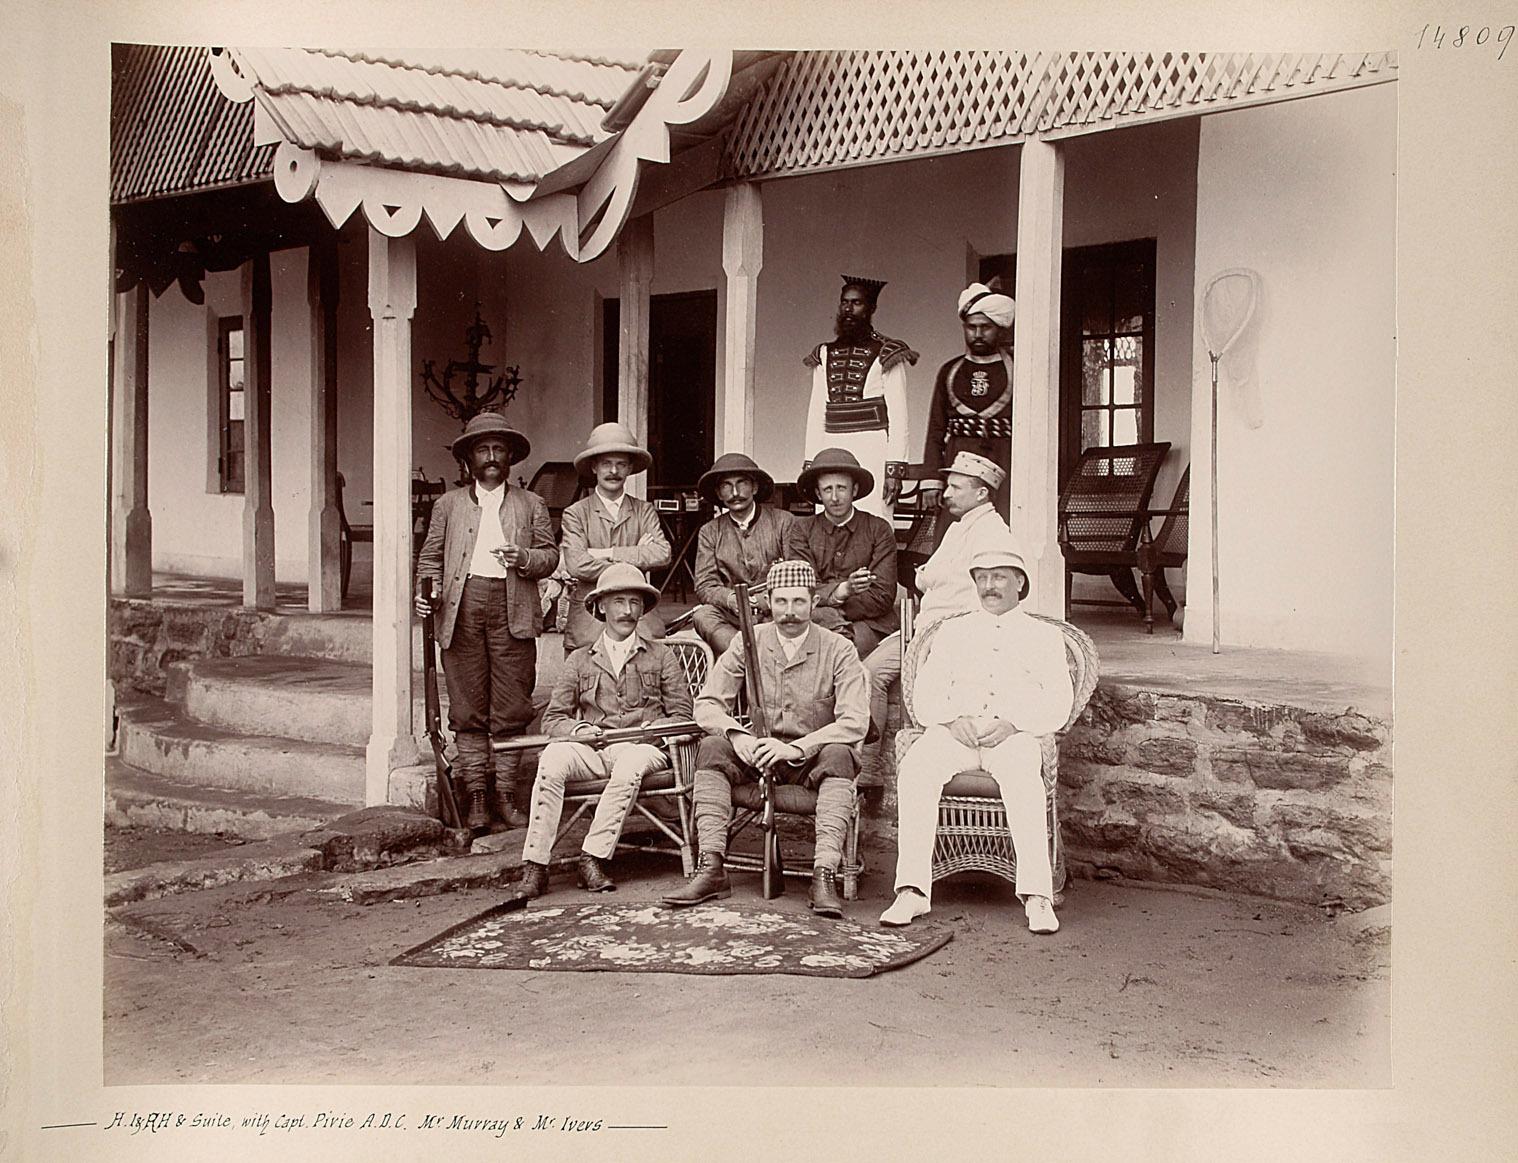 S. k.u.k. Hoheit Franz Ferdinand mit Gefolge ( Capt. Pirie, A.D.C. Murray, Mr. Ivers) von Charles Kerr